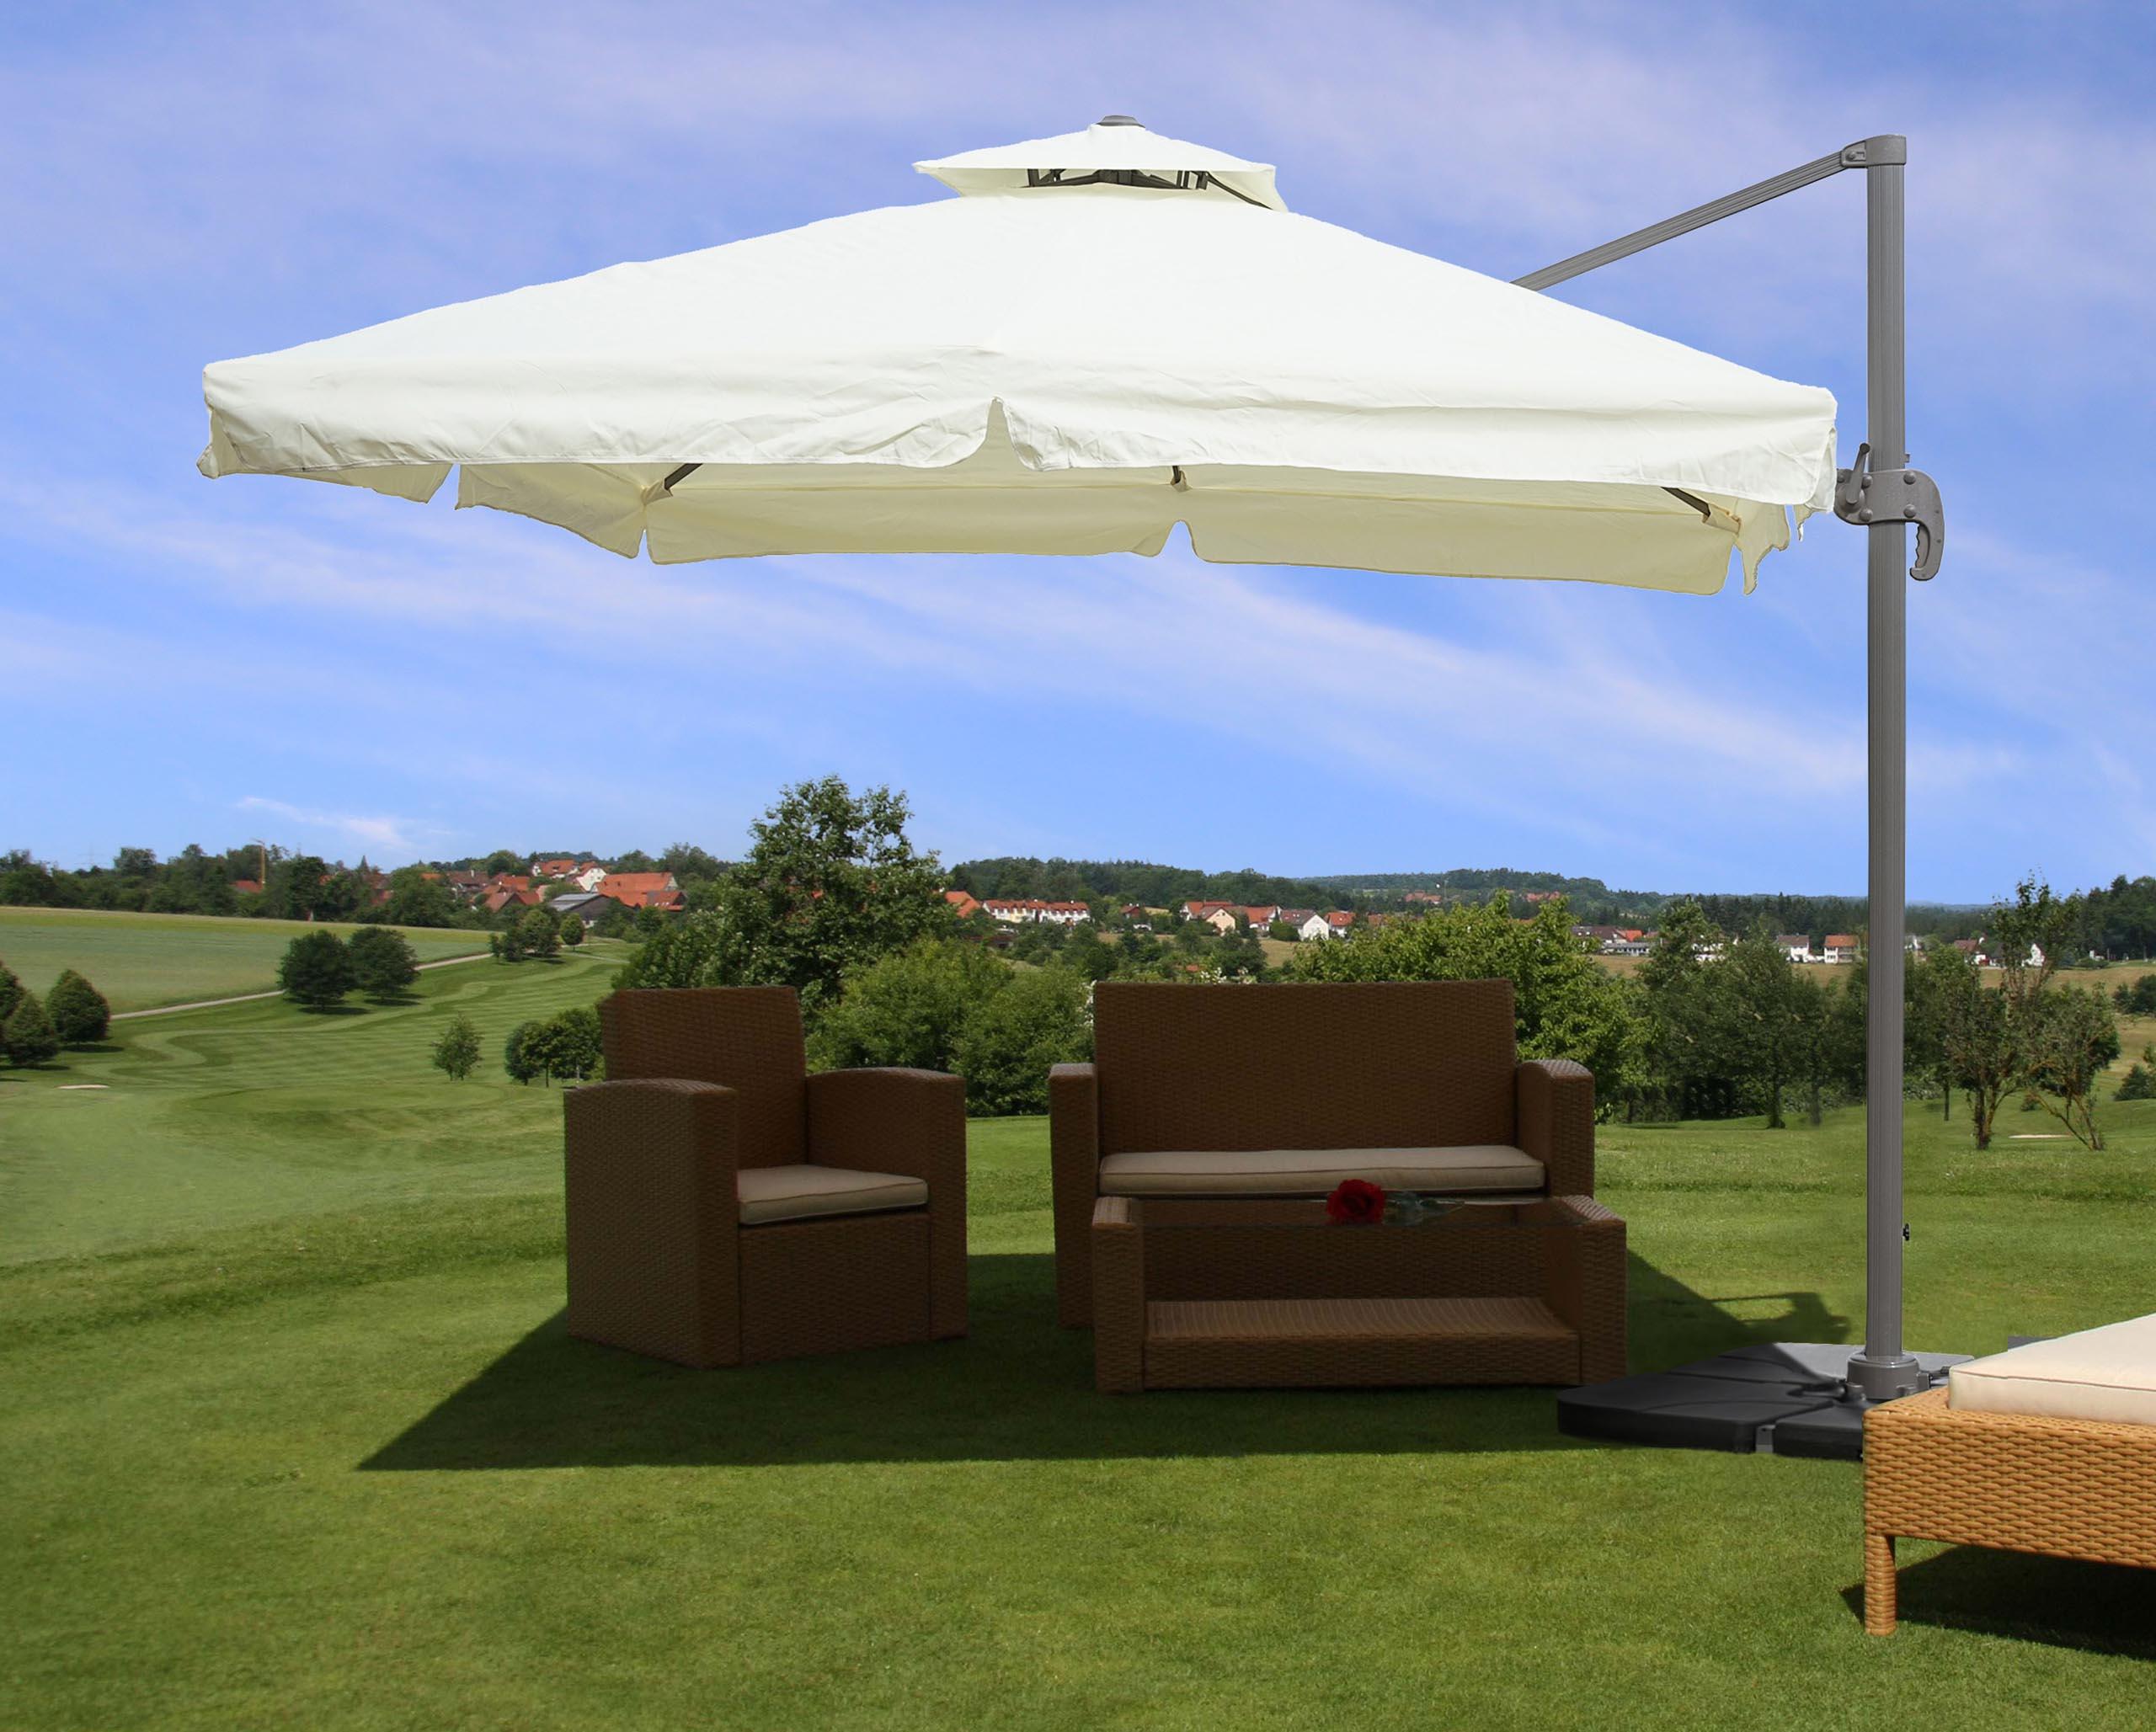 st nder f r ampelschirm ampelschirm sonnenschirm. Black Bedroom Furniture Sets. Home Design Ideas